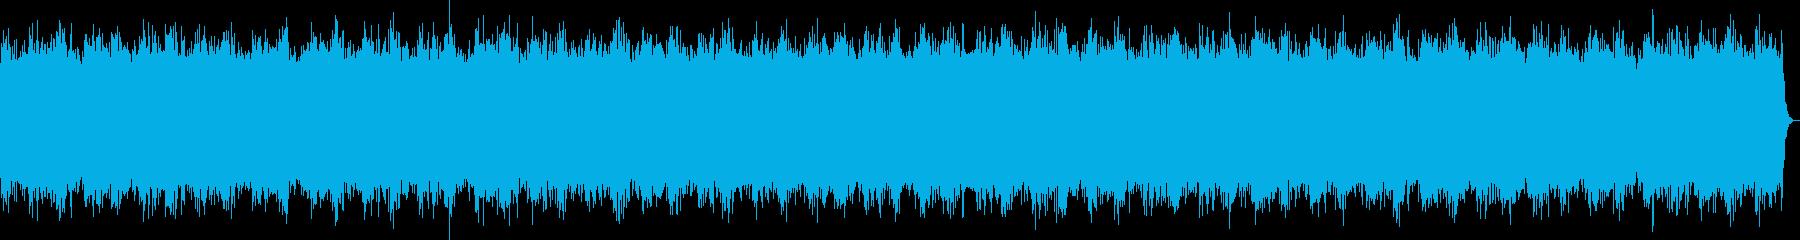 ヨガ・スピリチュアル・ヒーリングの再生済みの波形